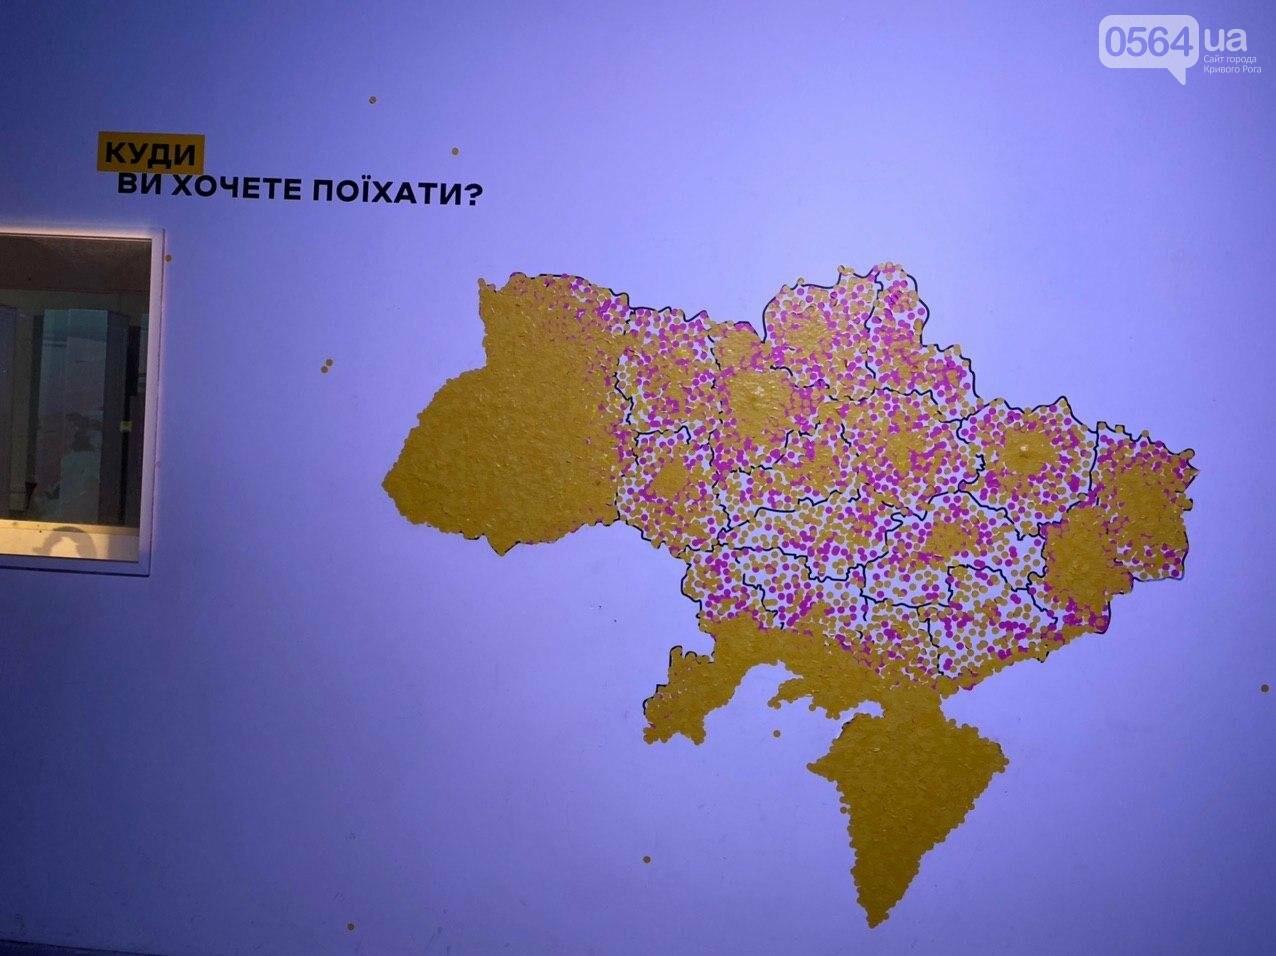 Ukraine WOW: что можно было узнать о Кривом Роге на интерактивной выставке, - ФОТО , фото-142